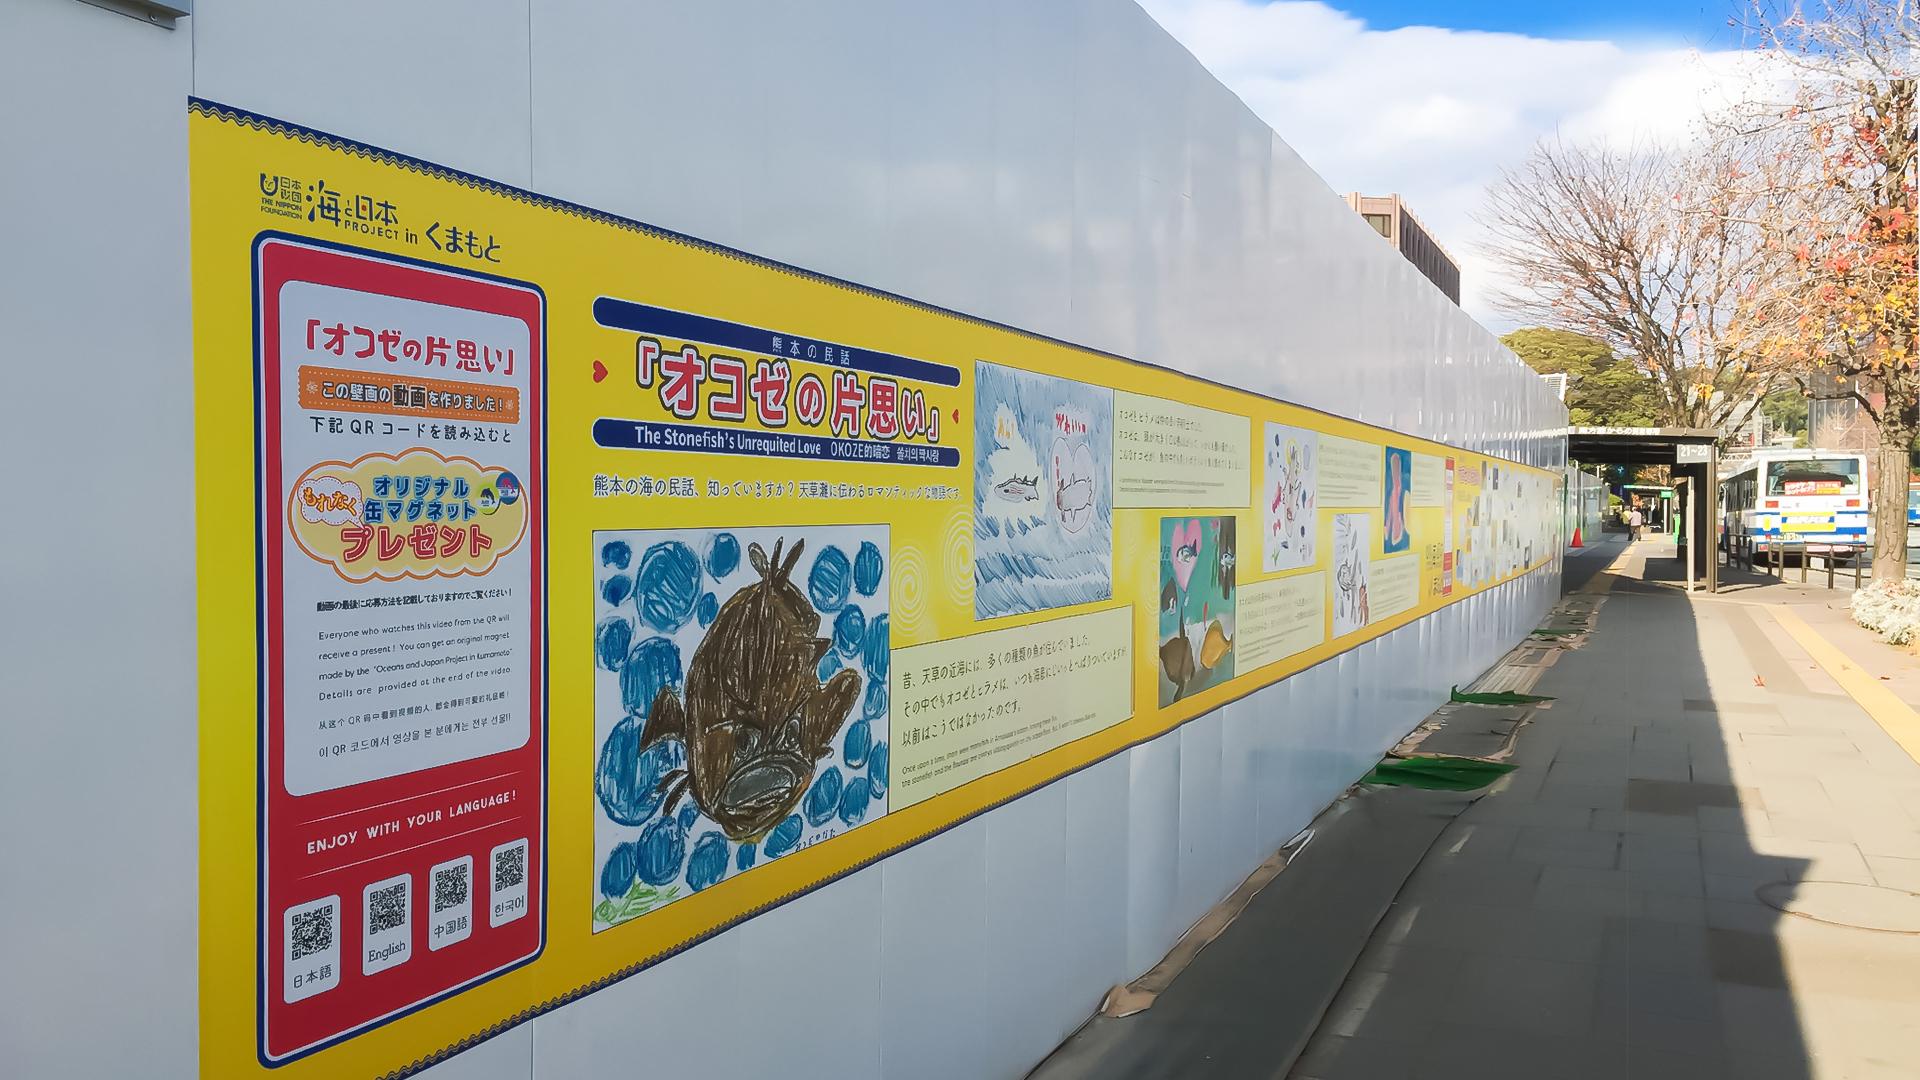 熊本の民話「オコゼの片思い」OOH広告デザイン